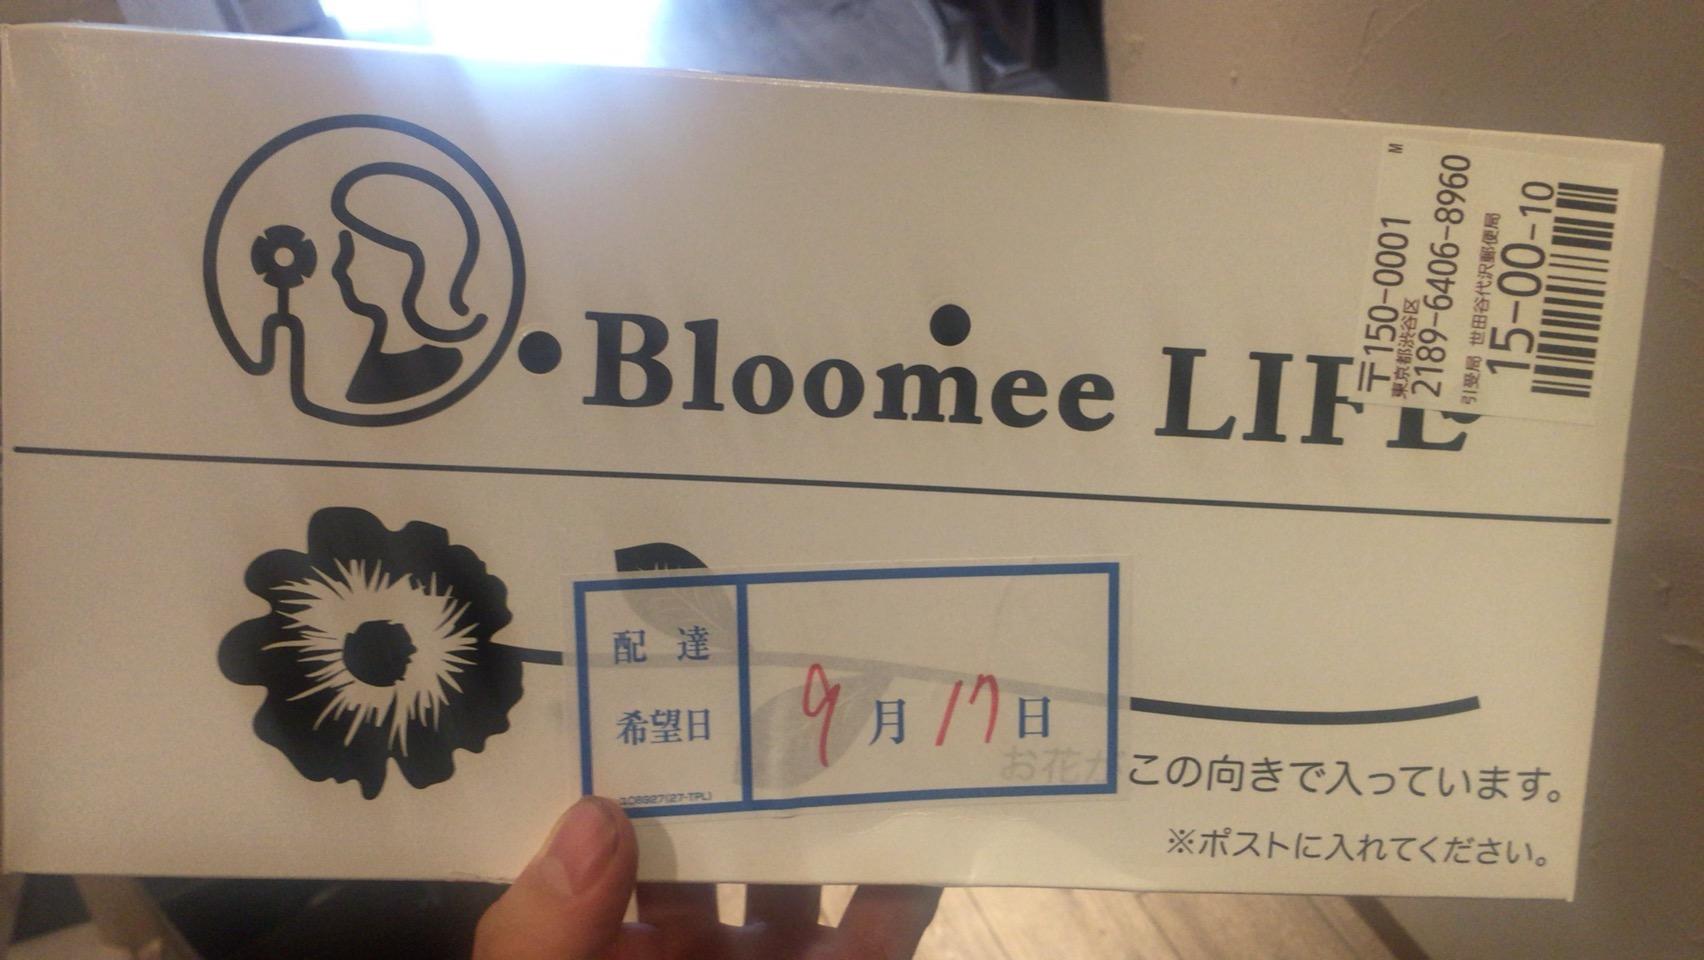 毎週お花が届くサービス、Bloomee LIFEを利用してみた。